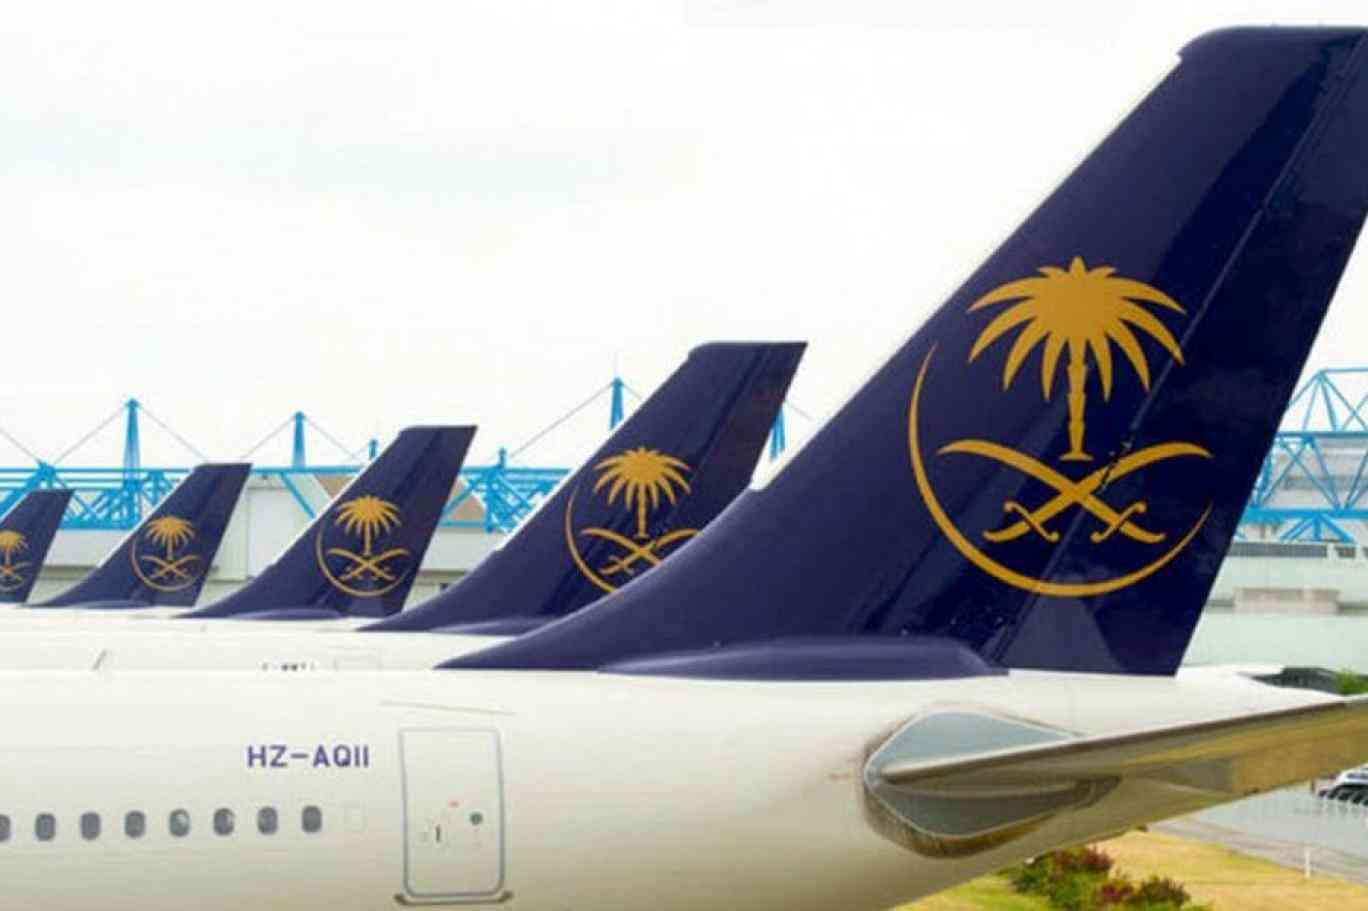 السعودية تعلن شرط دخول مطاراتها سواء الداخلية أو الدولية